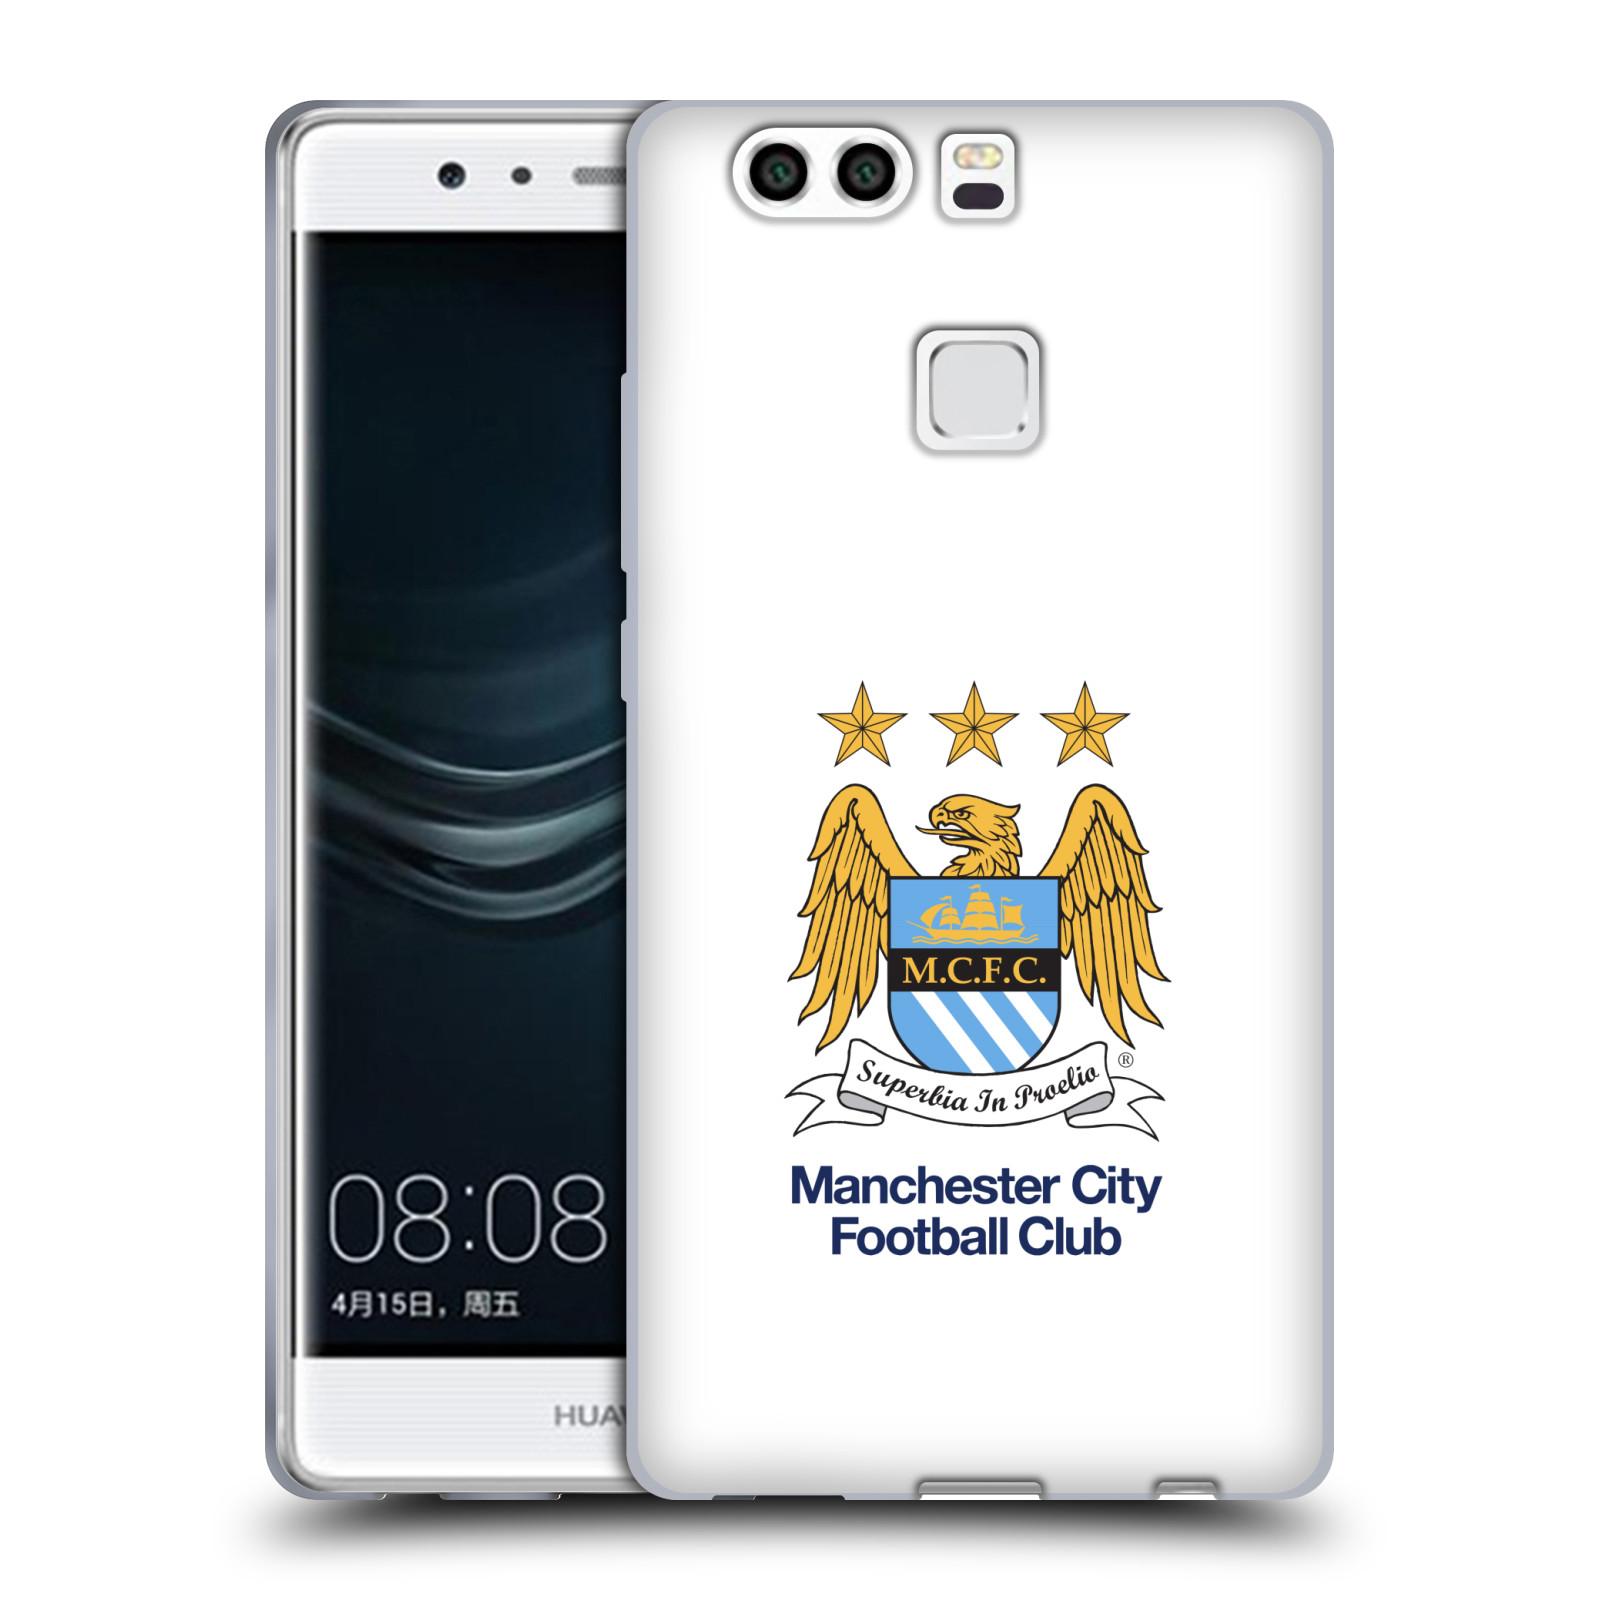 HEAD CASE silikonový obal na mobil Huawei P9 PLUS / P9 PLUS DUAL SIM Fotbalový klub Manchester City bílé pozadí velký znak pták